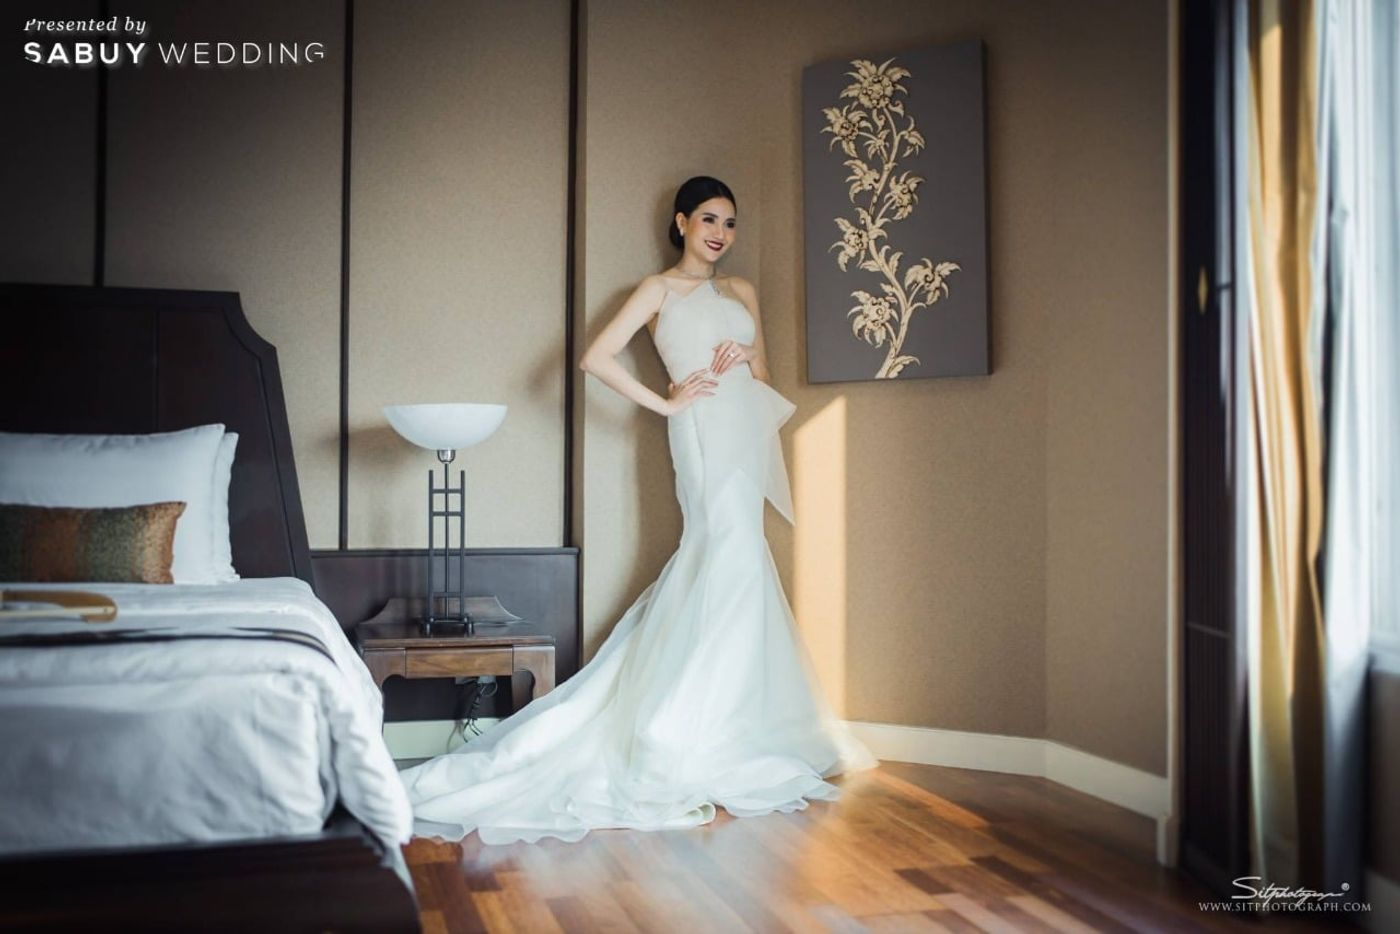 เจ้าสว,ชุดเจ้าสาว รีวิวงานแต่งแห่งปีของอยุธยา หรูหราด้วยโทนสี Rose Gold @Krungsri River Hotel